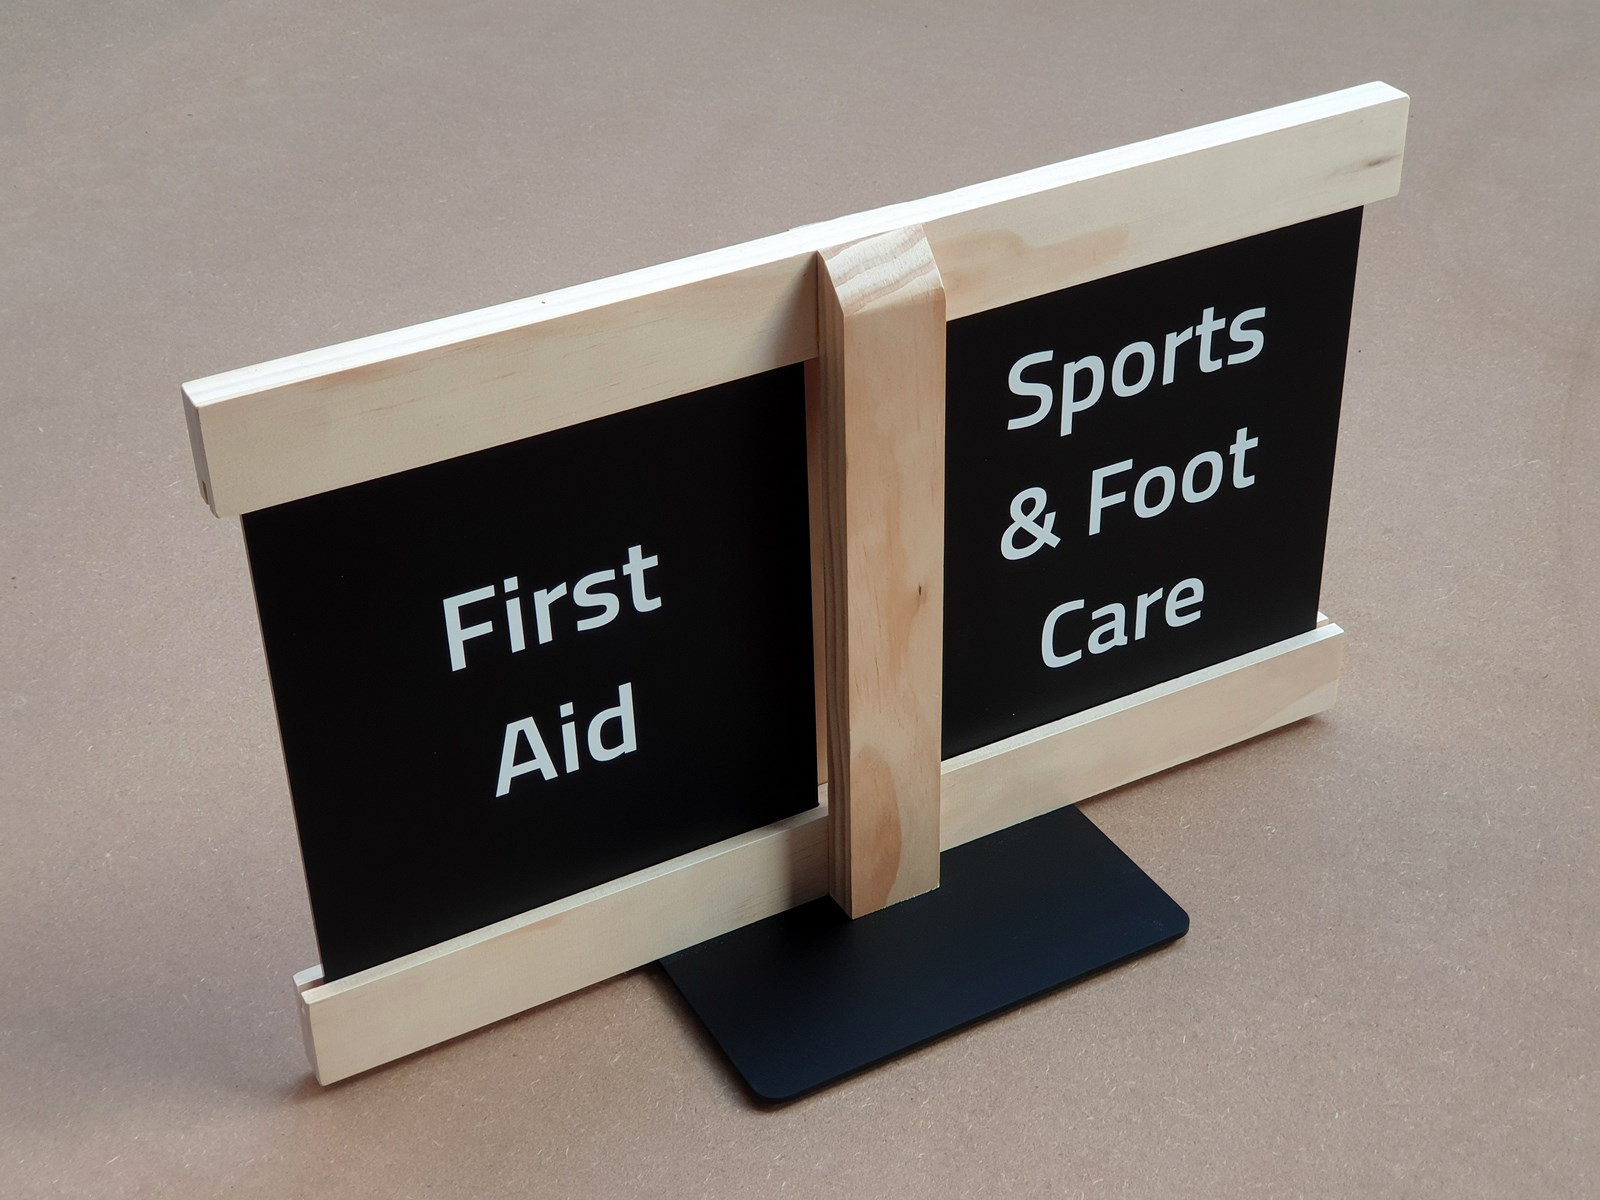 First aid (Copy).jpg